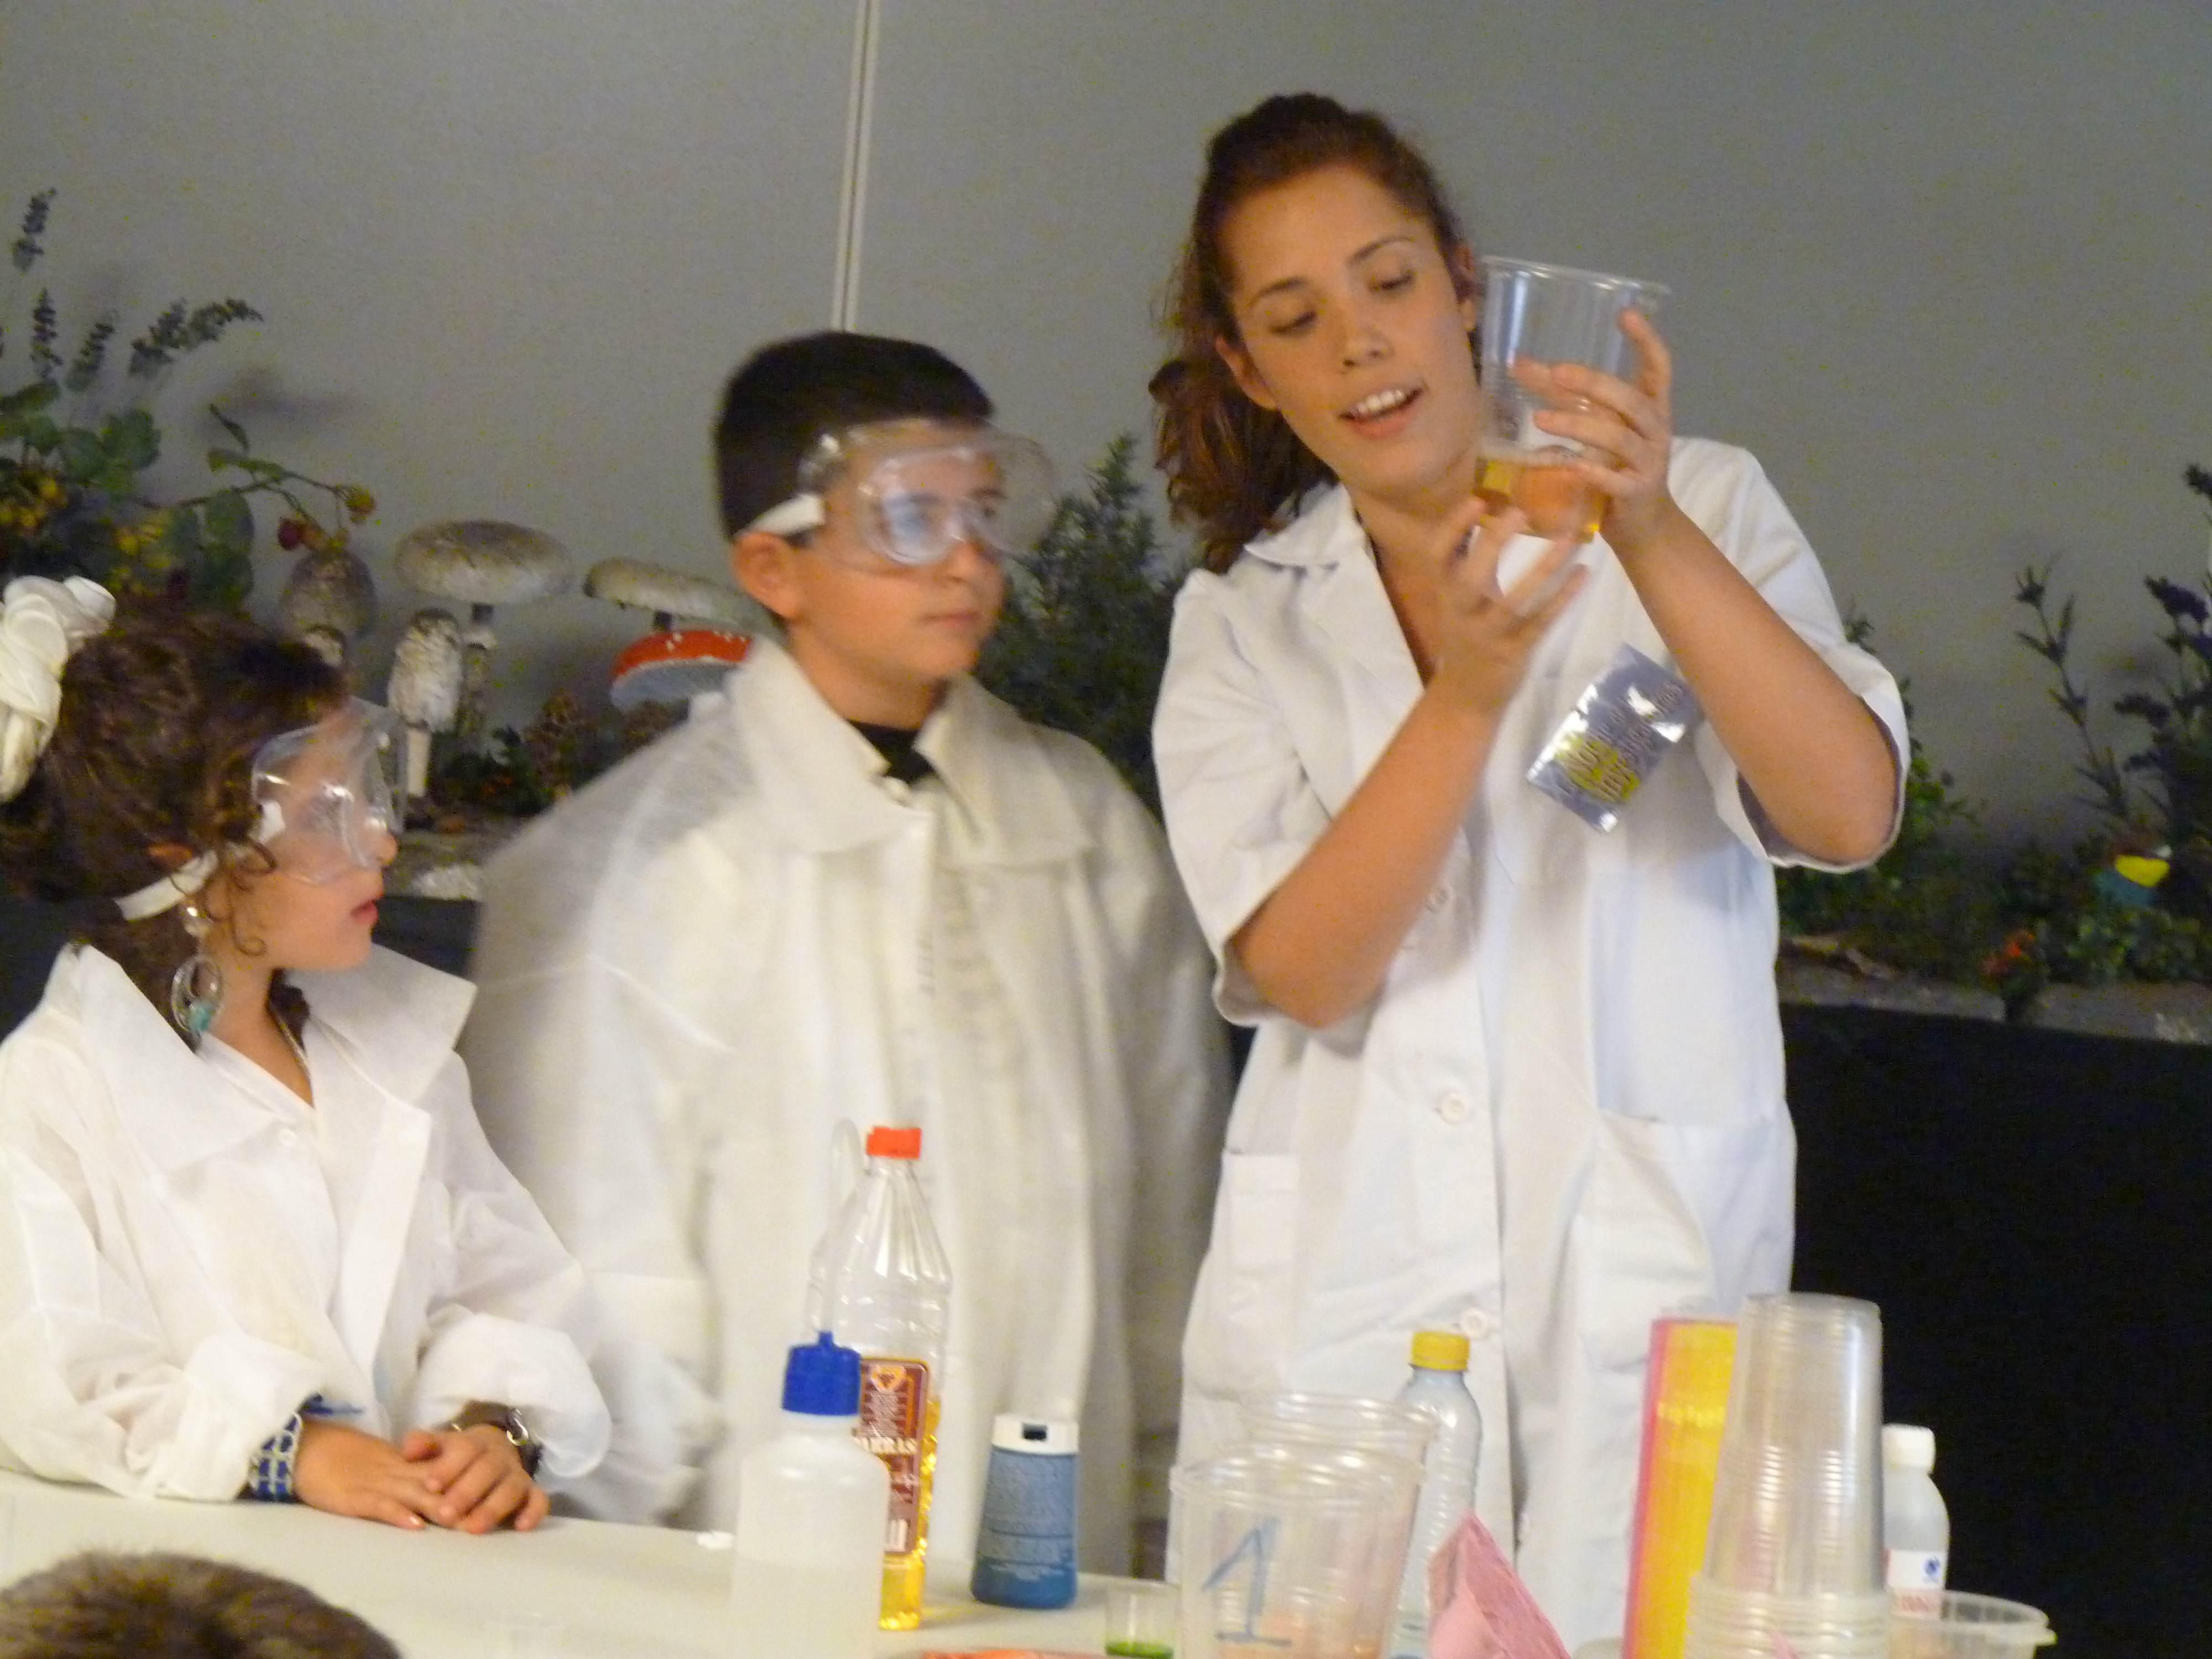 Una de las investigadoras muestra el resultado de un experimento a dos participantes